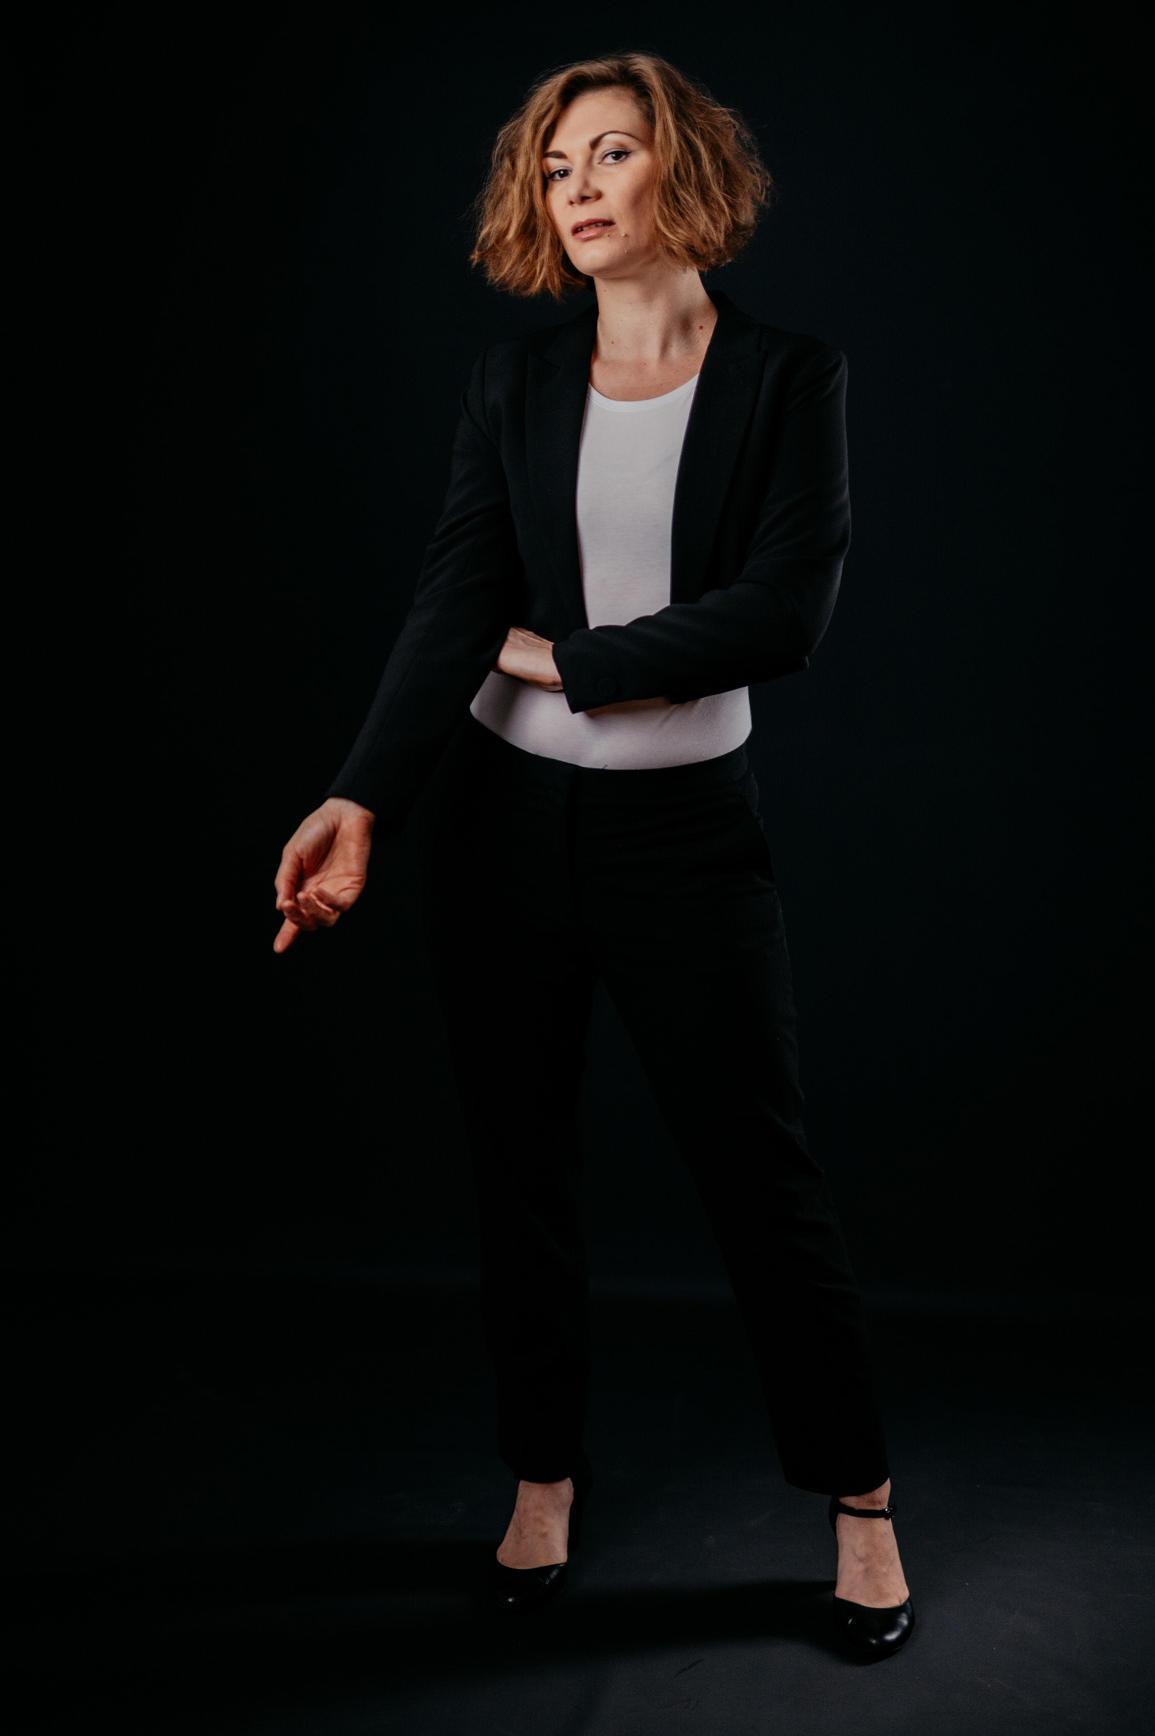 Schauspielerin Köln Bonn